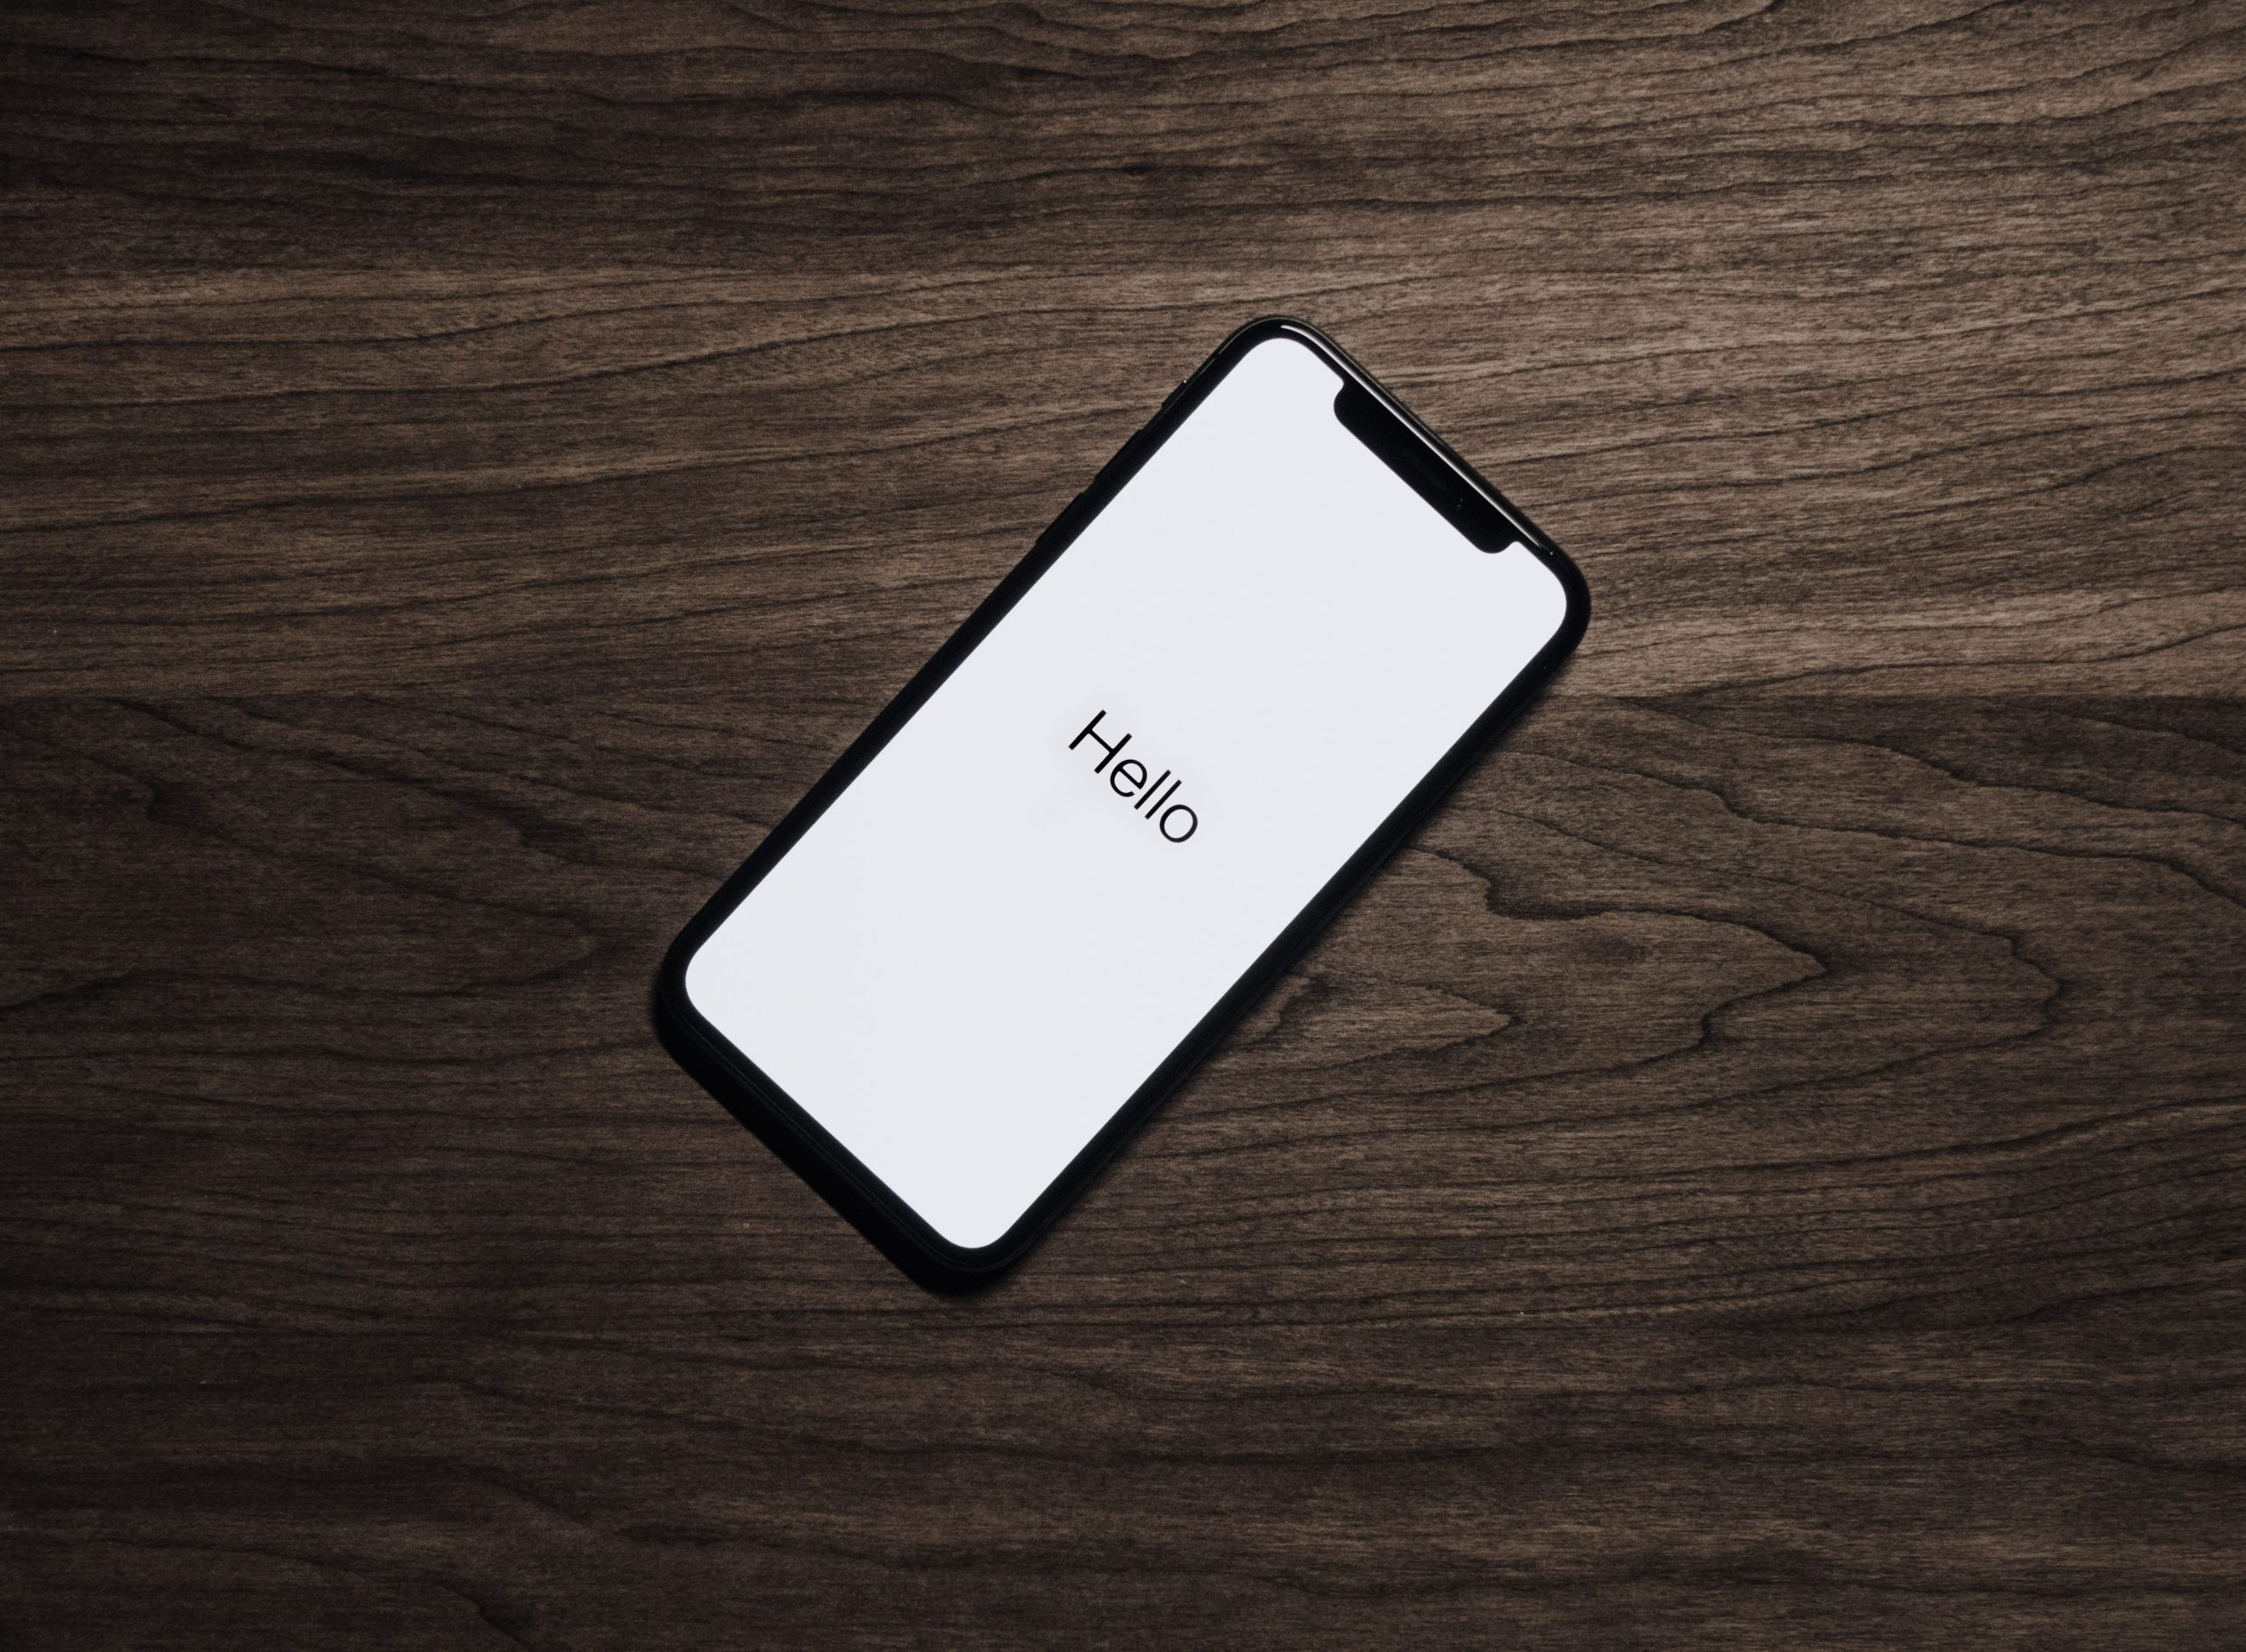 La coque, une bonne option pour protéger votre téléphone